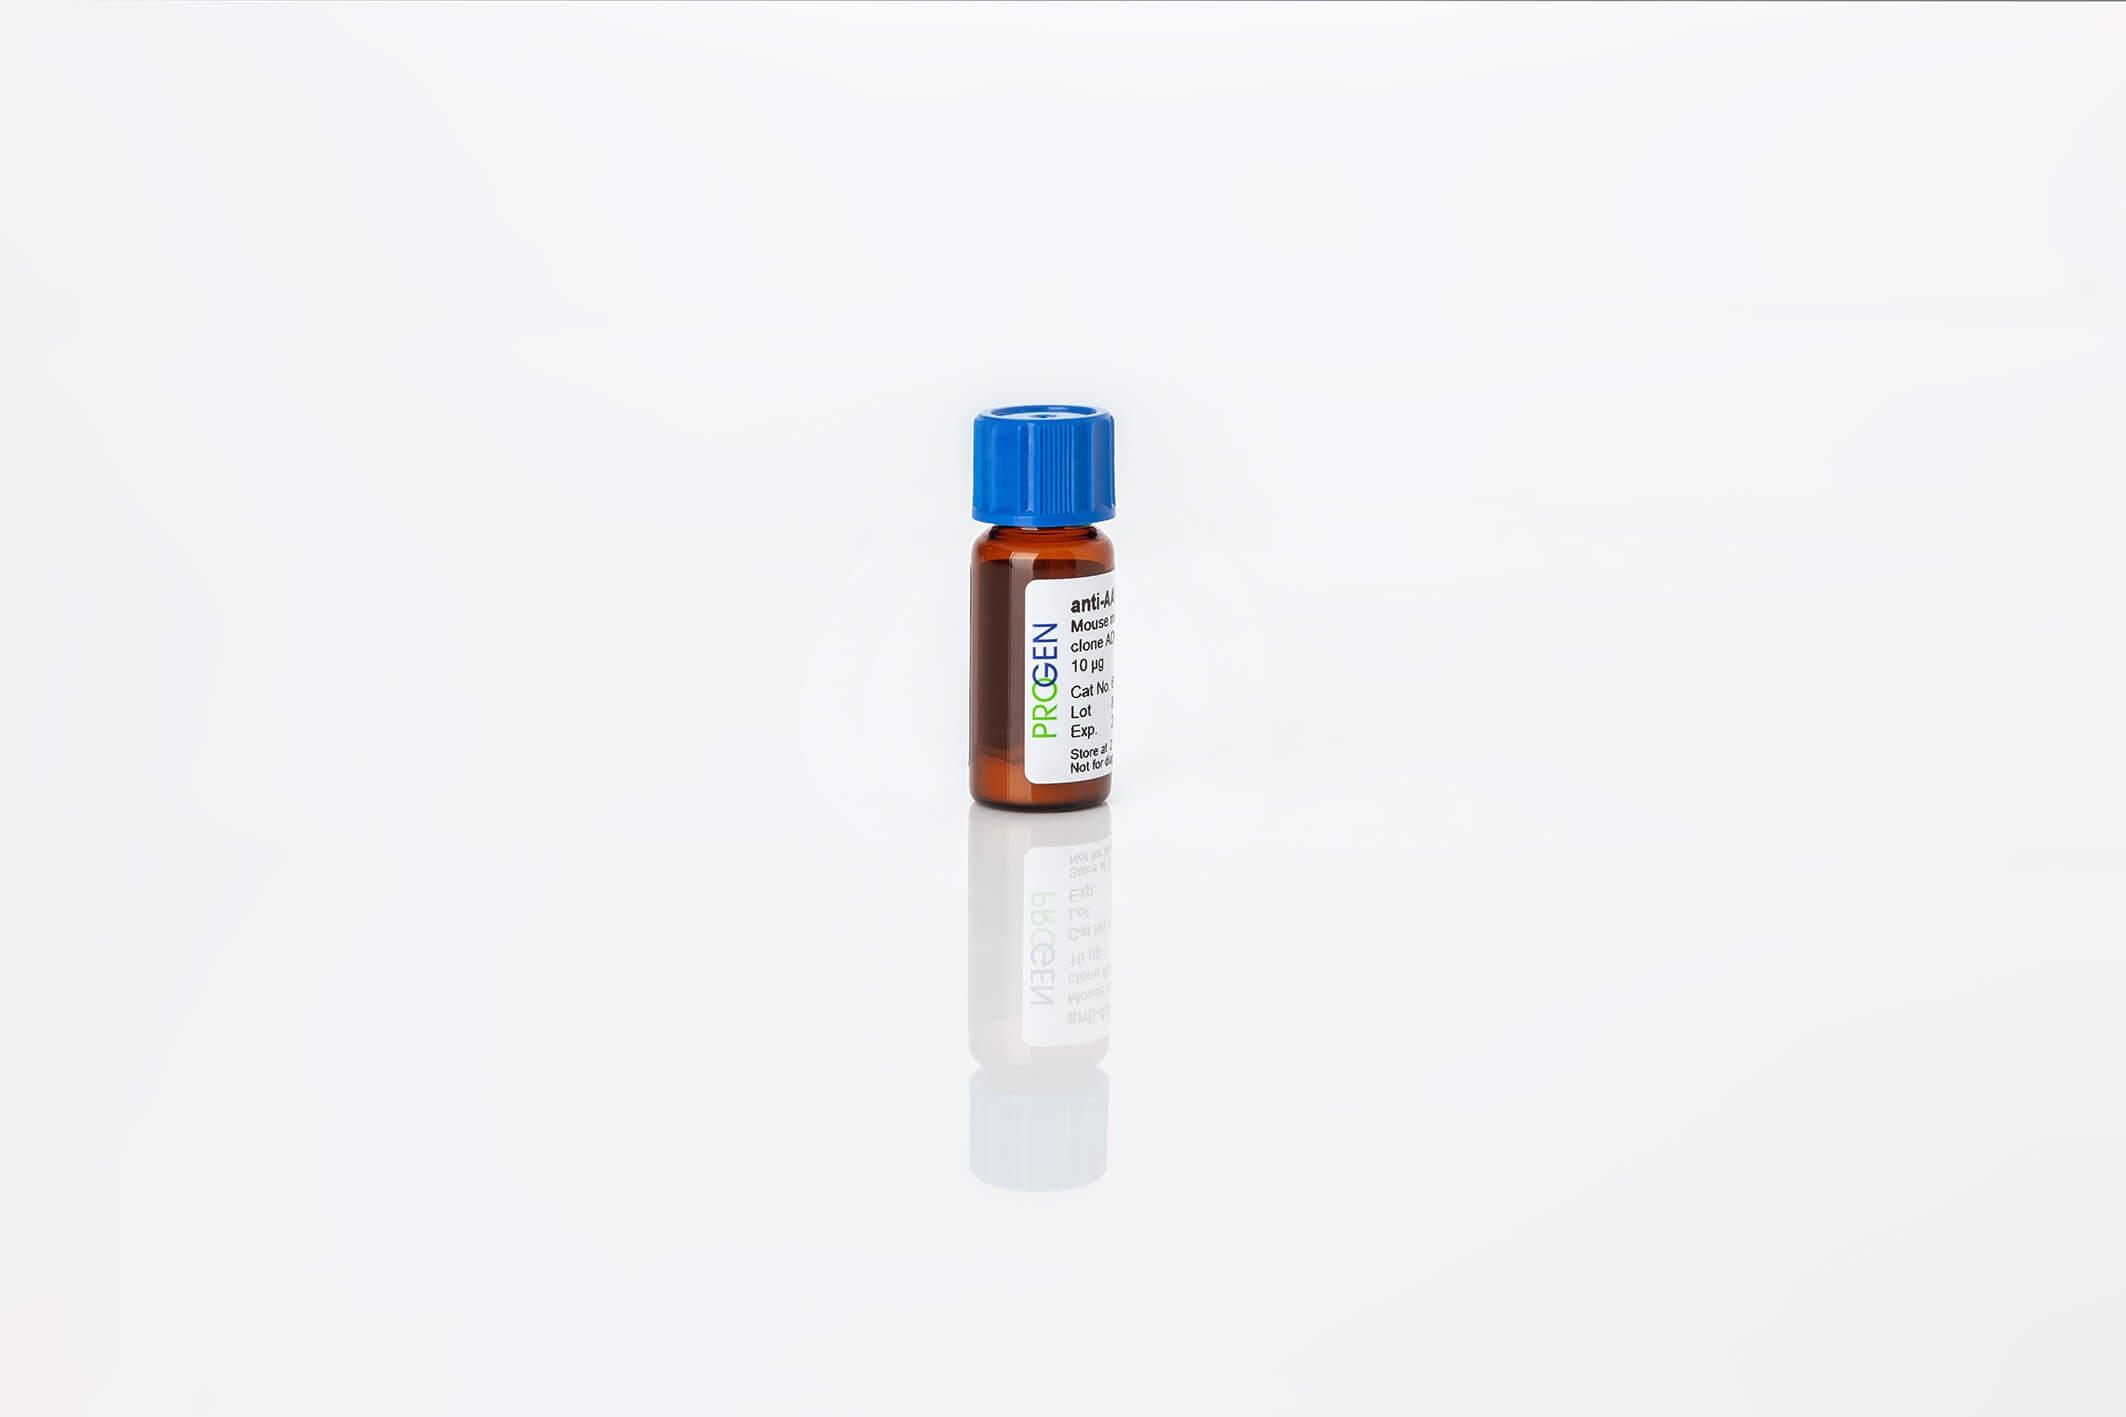 anti-Hantavirus Hantaan mouse monoclonal, B5D9, supernatant